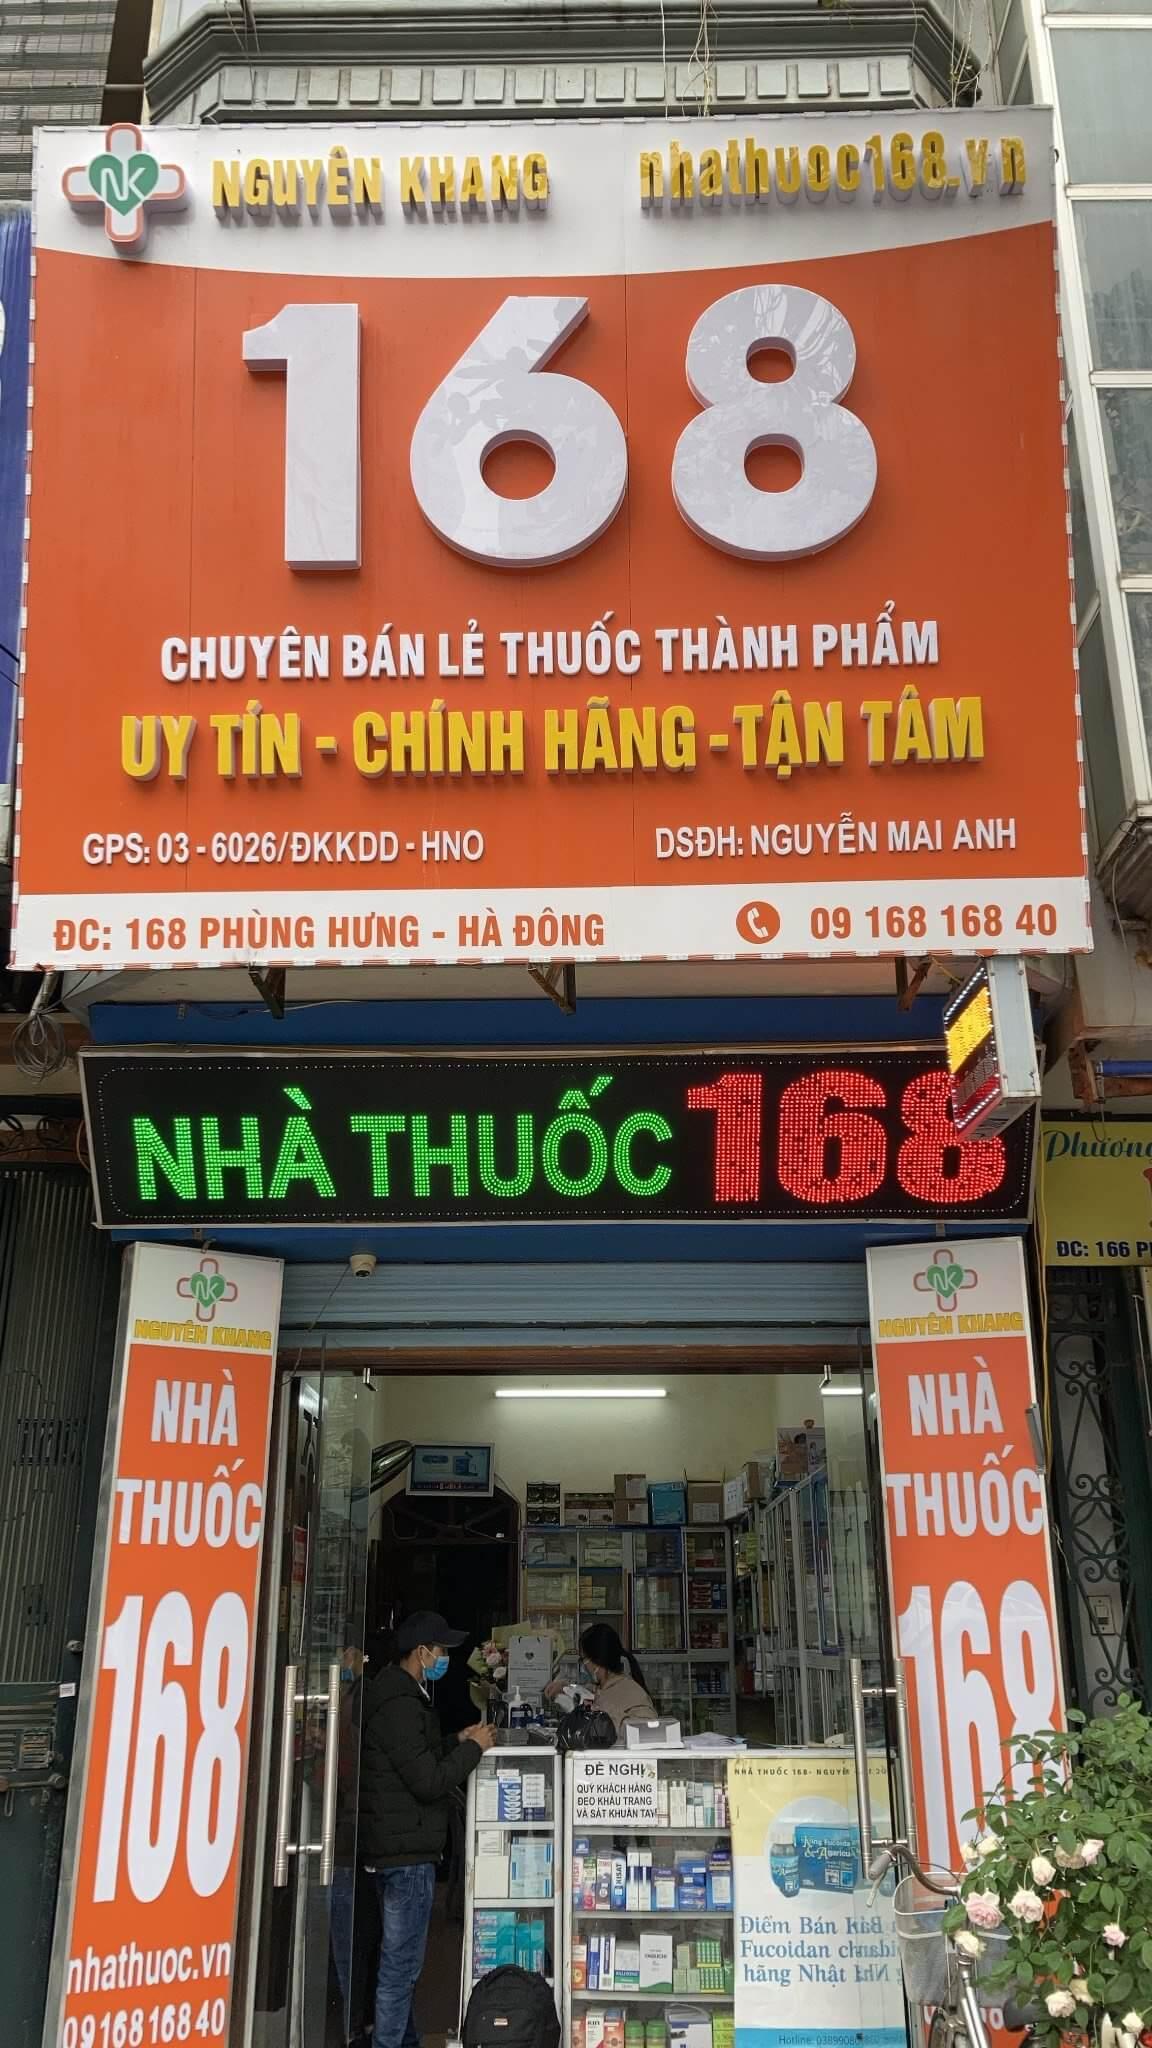 Nhà thuốc Thế giới Fucoidan tại 168 Phùng Hưng, Hà Đông, Hà Nội